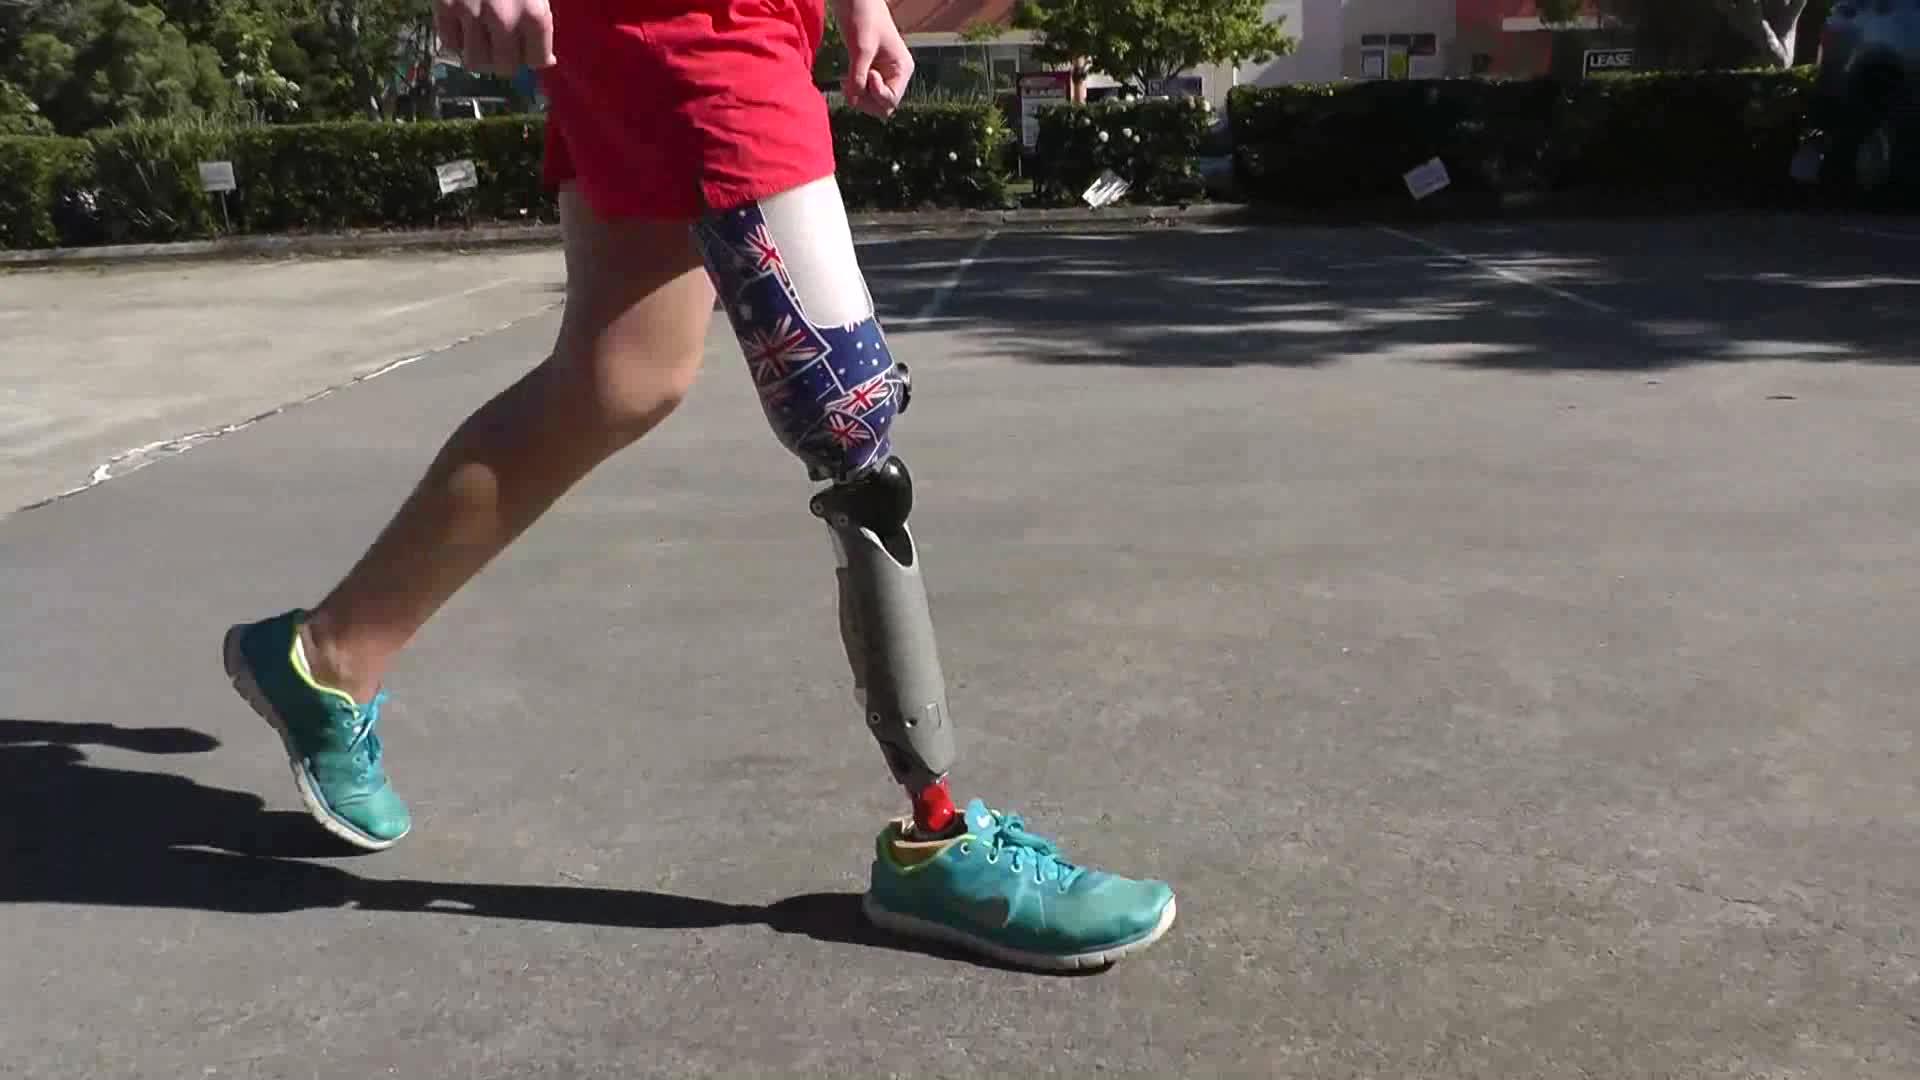 Prothesenkniegelenk VGK für Beinamputierte